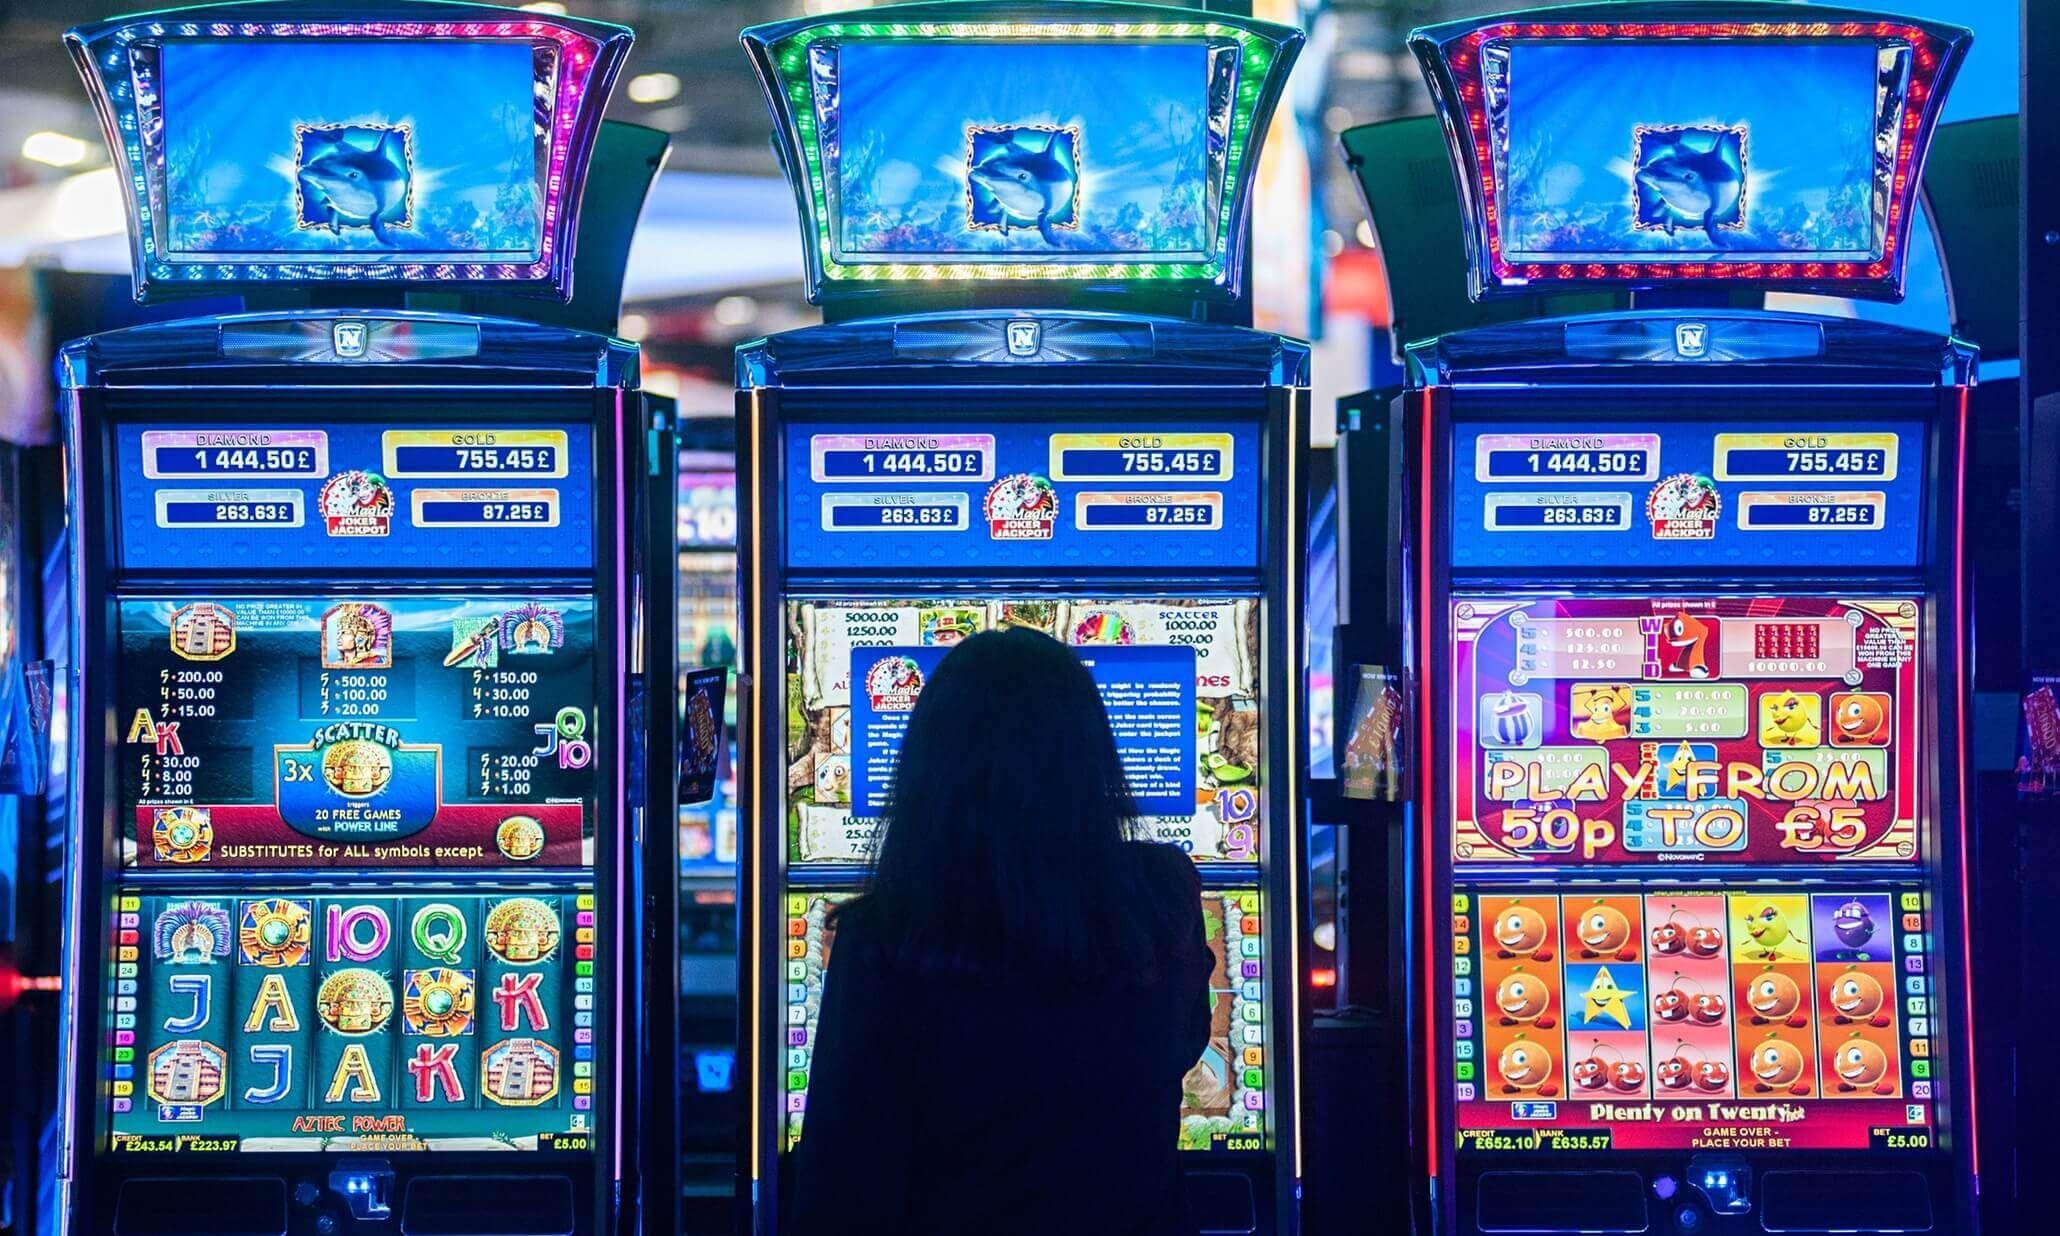 Бесплатные слот автоматы скачать бесплатно онлайн казино с минимальным рублевым депозитом